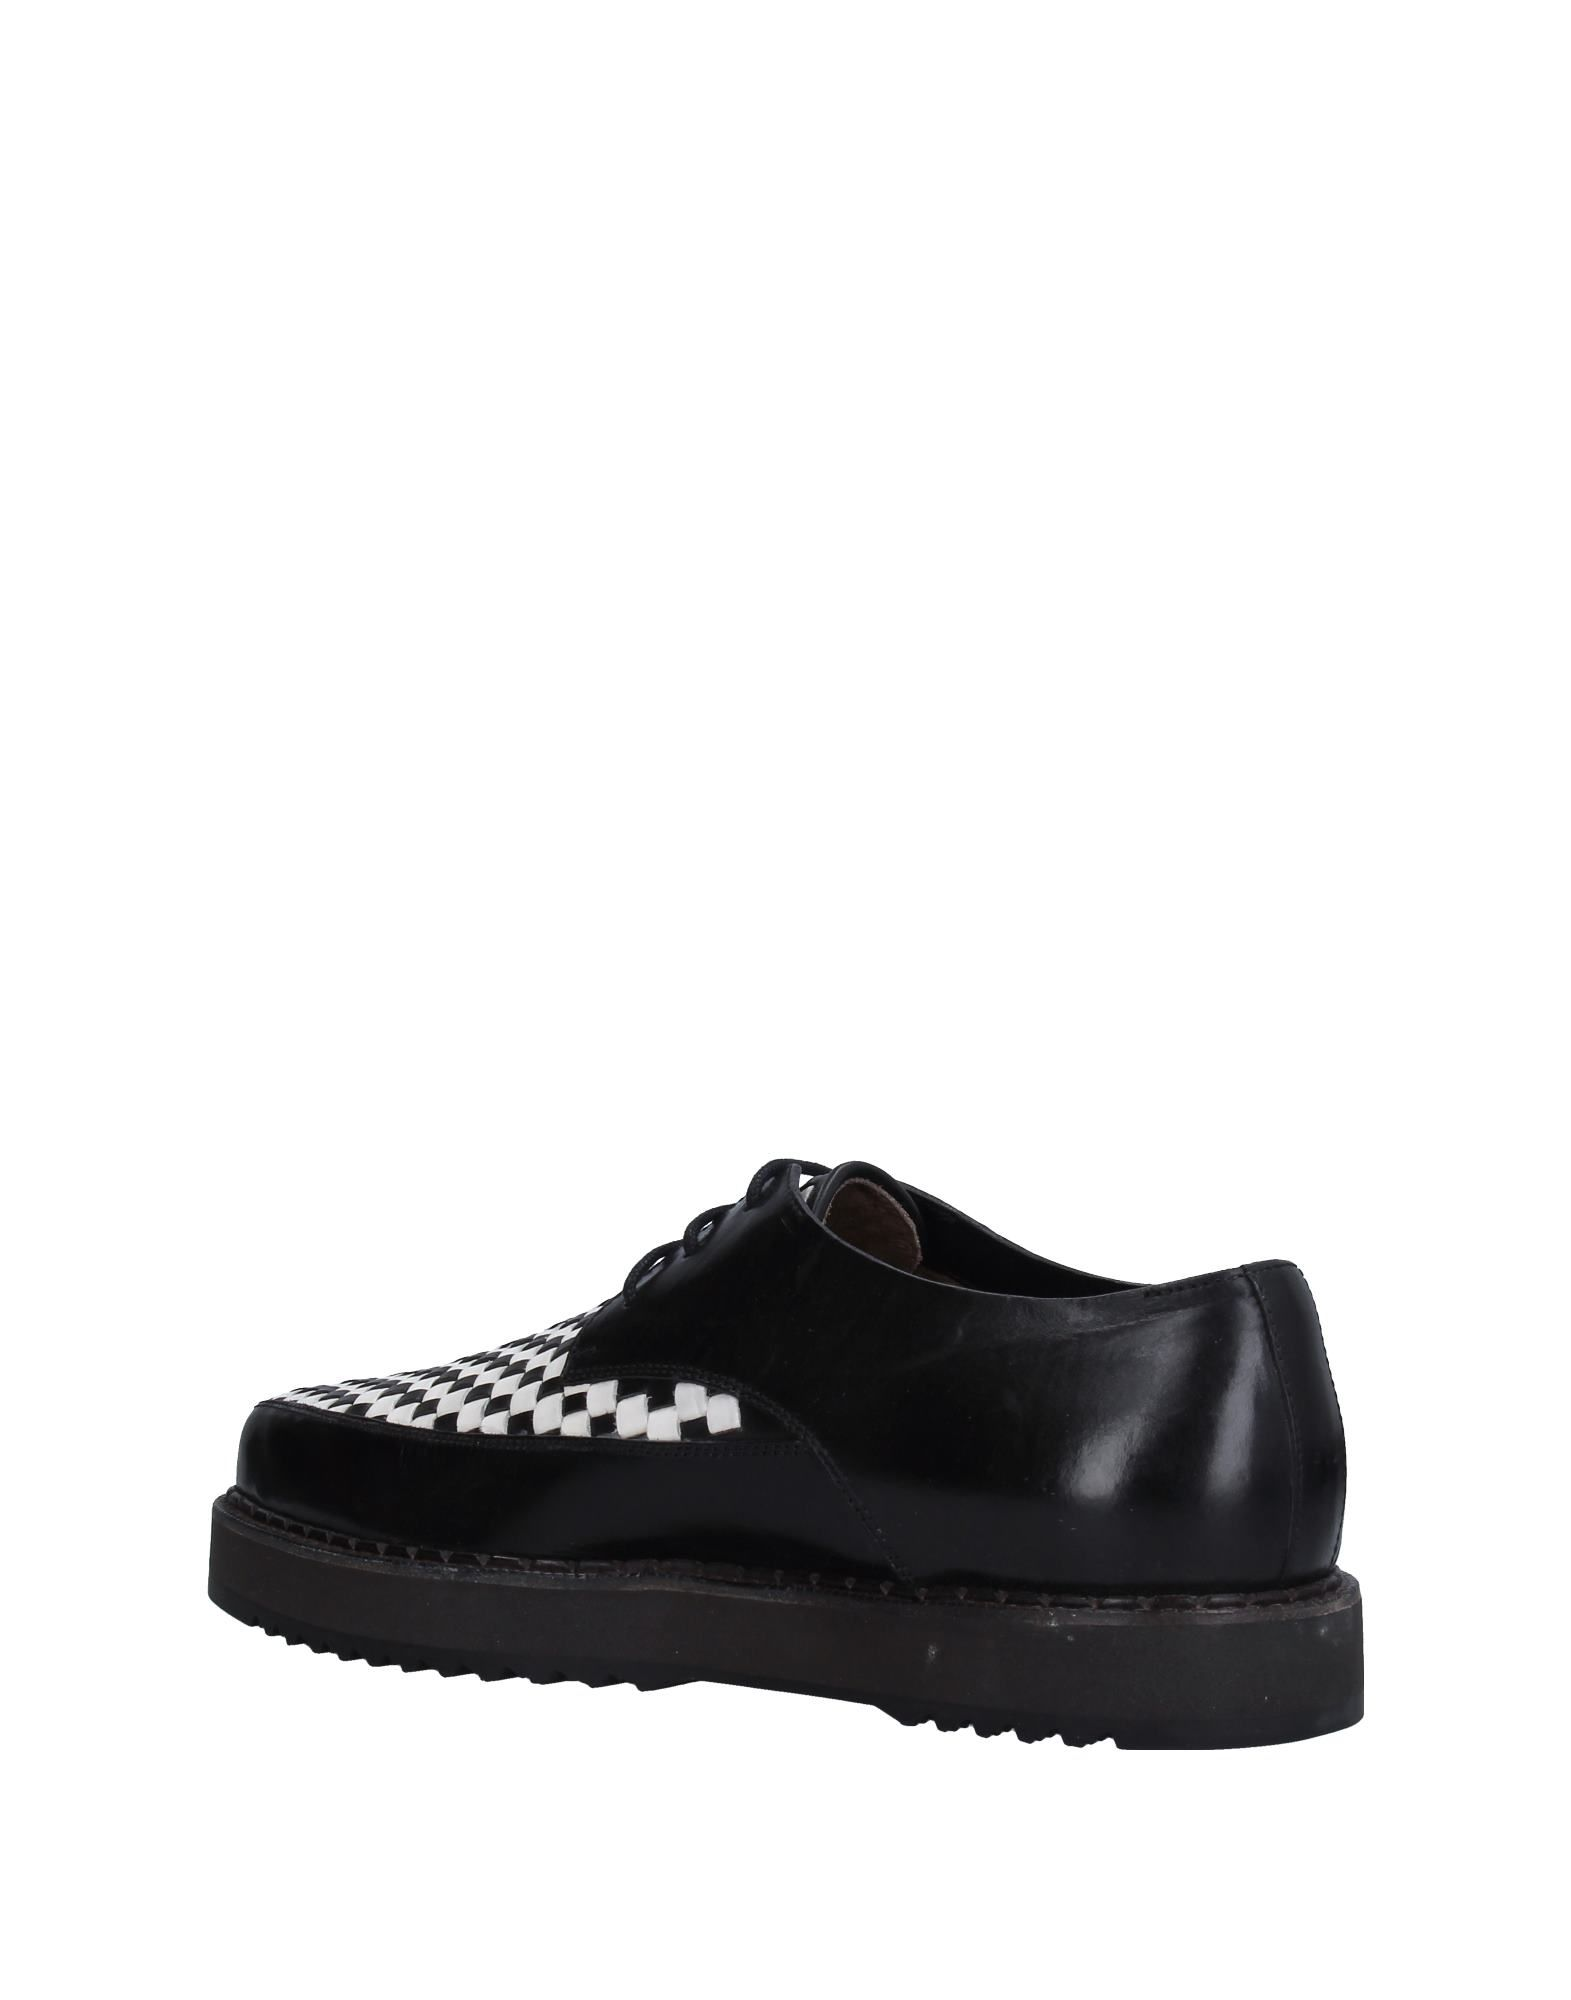 Costume National Homme Schnürschuhe Herren  11238701OC Gute Qualität beliebte Schuhe